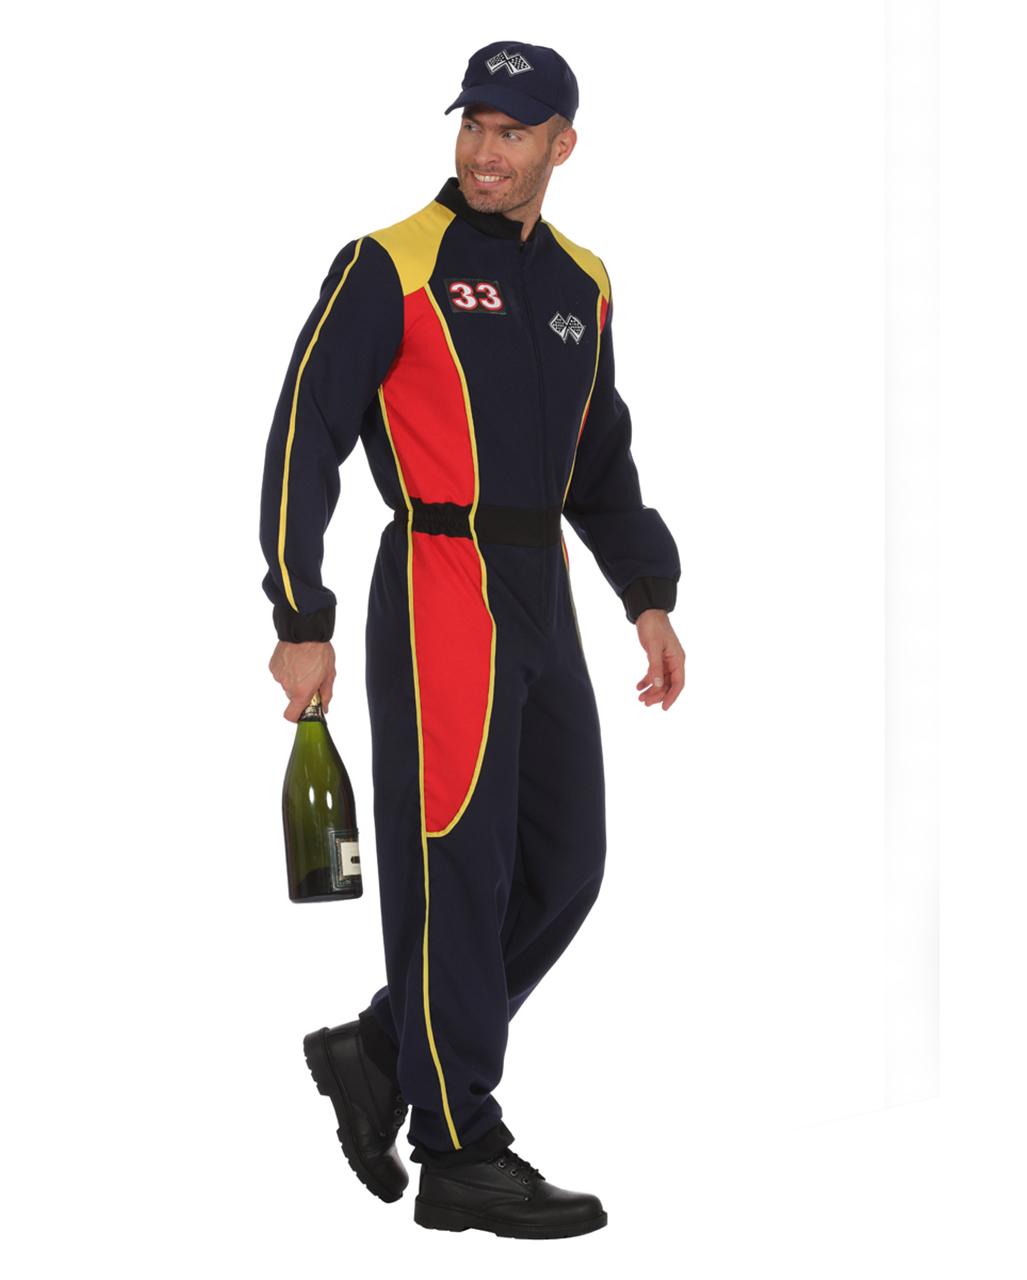 Mode-Design an vorderster Front der Zeit letzte Veröffentlichung Herren Kostüm-Anzug Rennfahrer